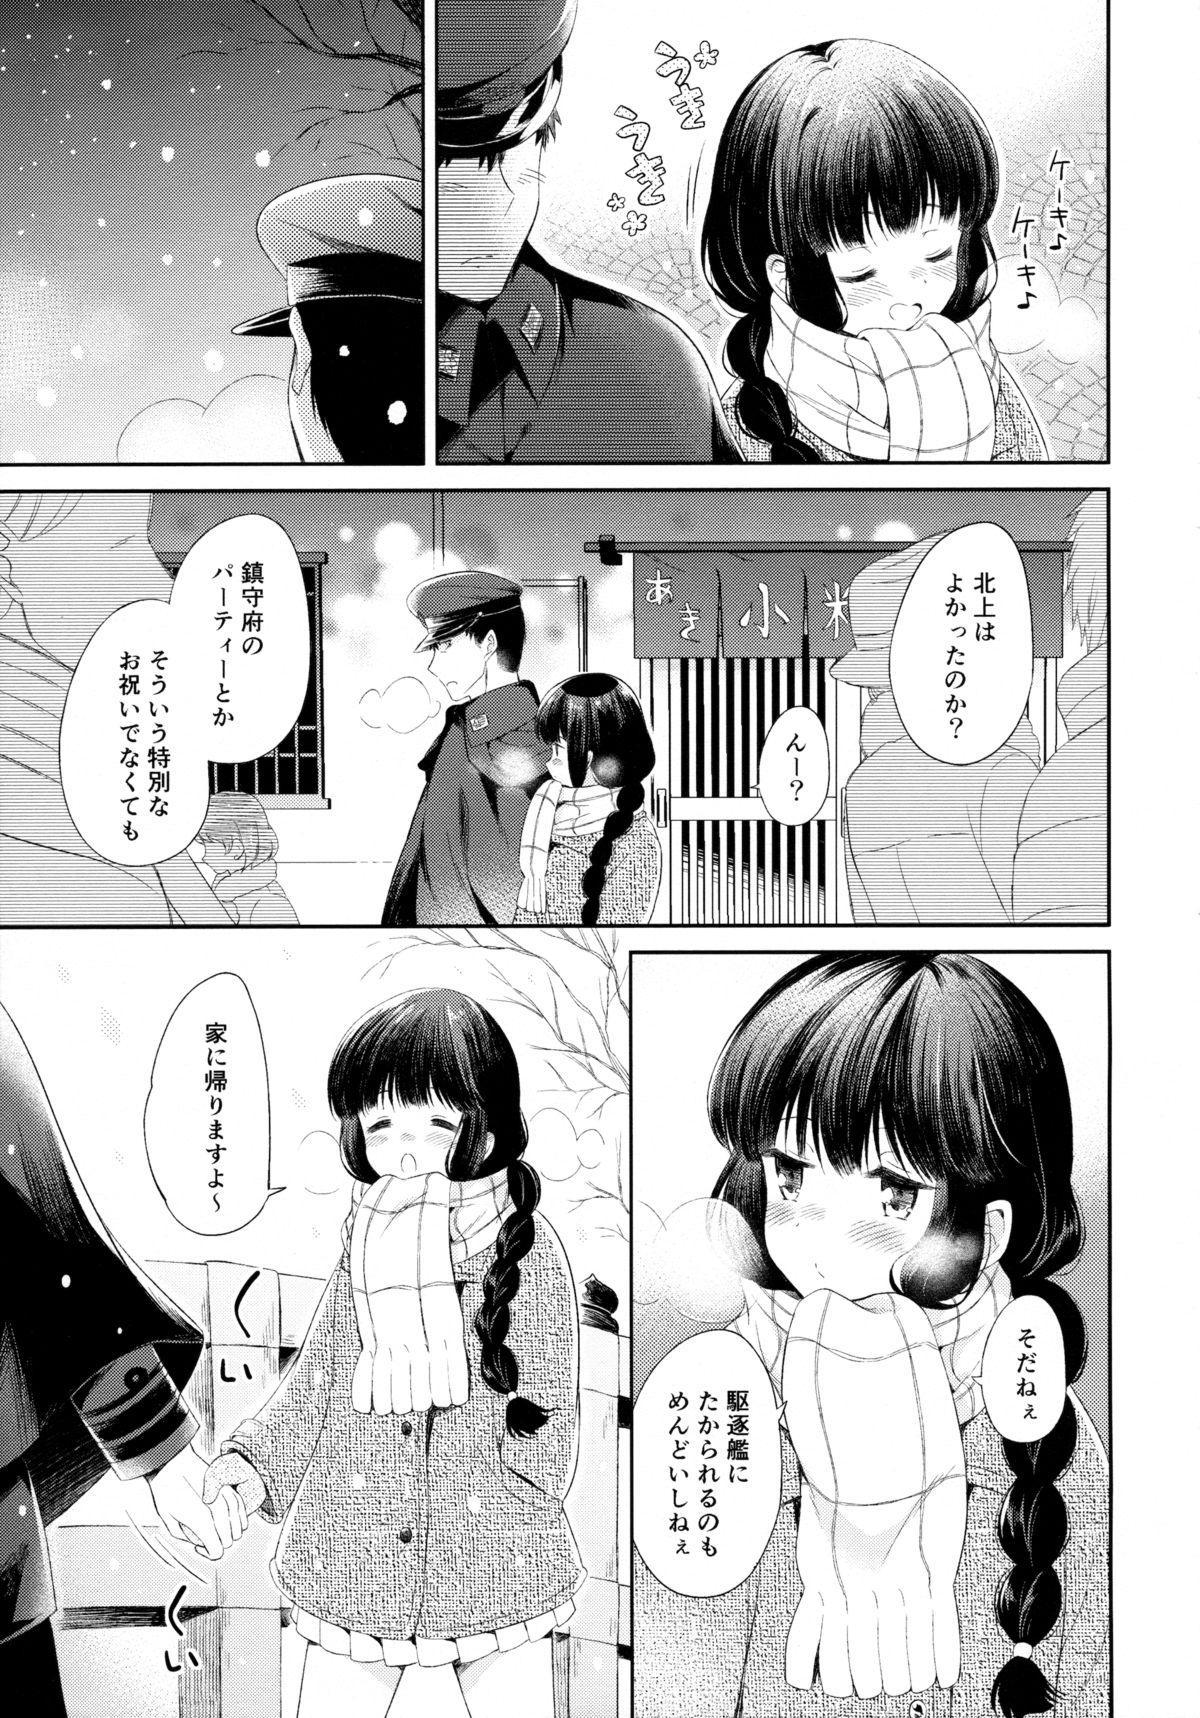 Kitakami-san to Teitoku ga Zutto Issho ni Kurasu Ohanashi. 5